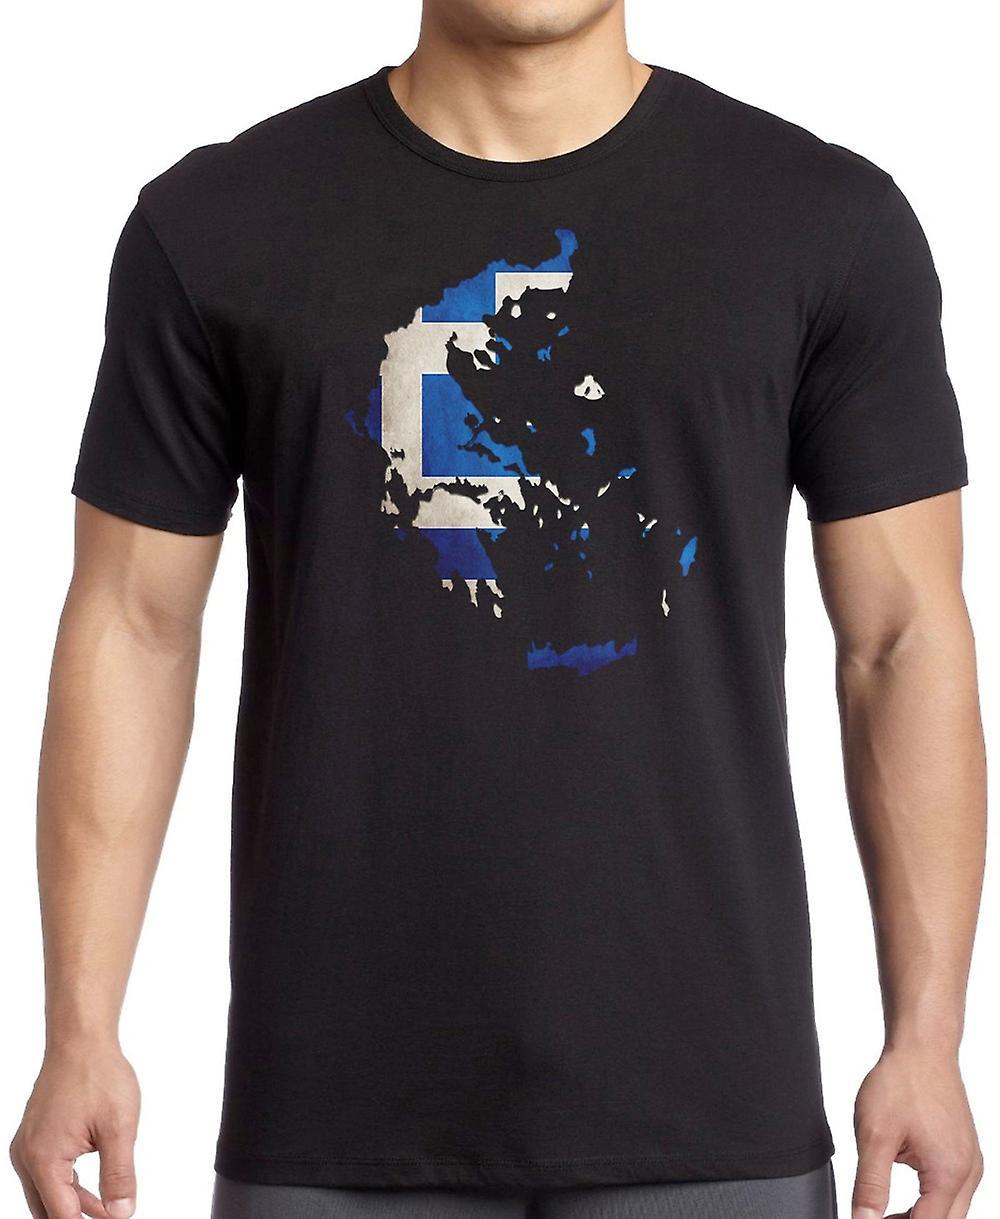 Griechenland Griechische Flagge Karte T-Shirt   Fruugo 13a13e9eb8